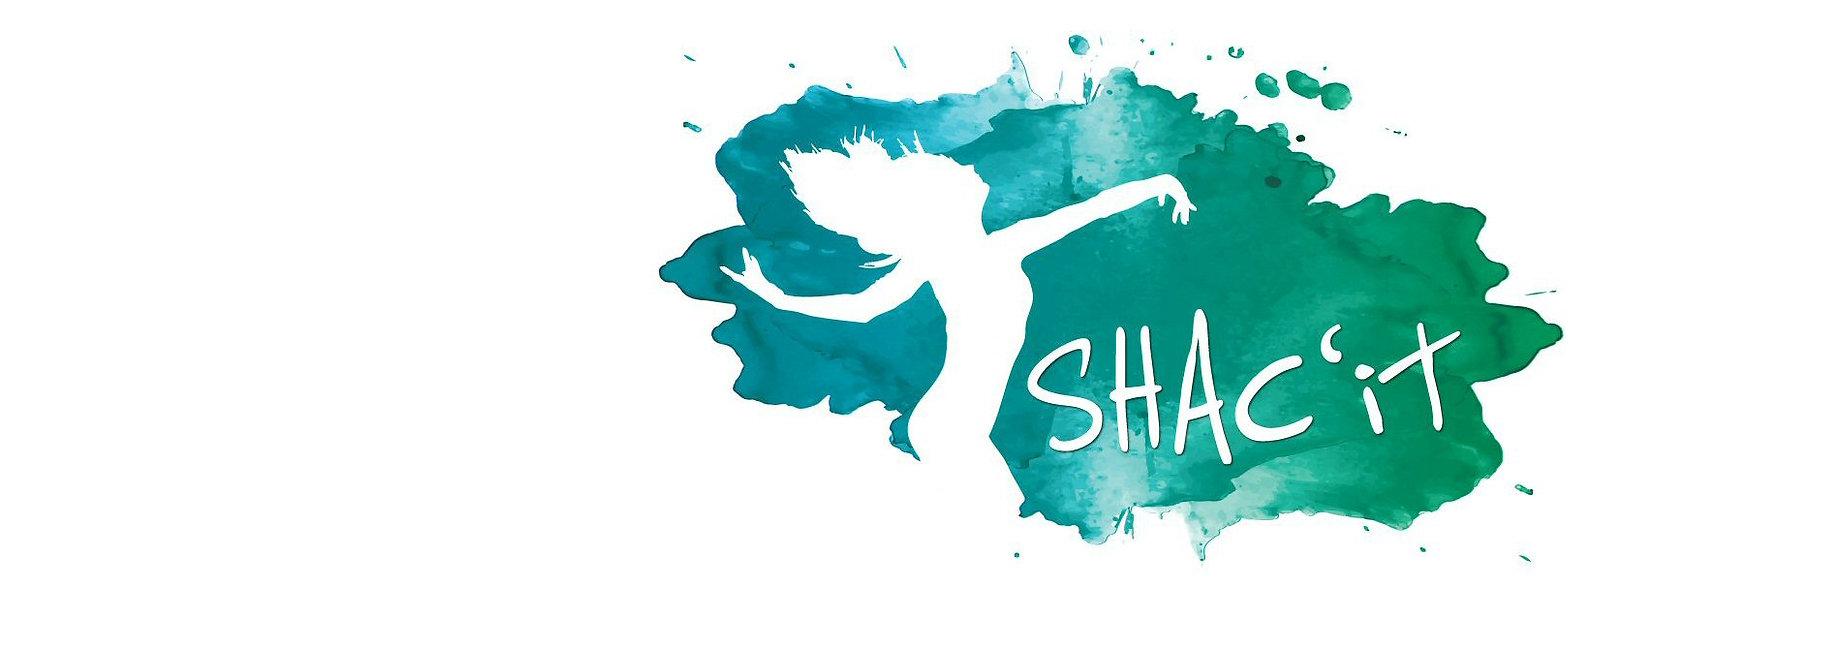 SHAC`it Bannière.jpg